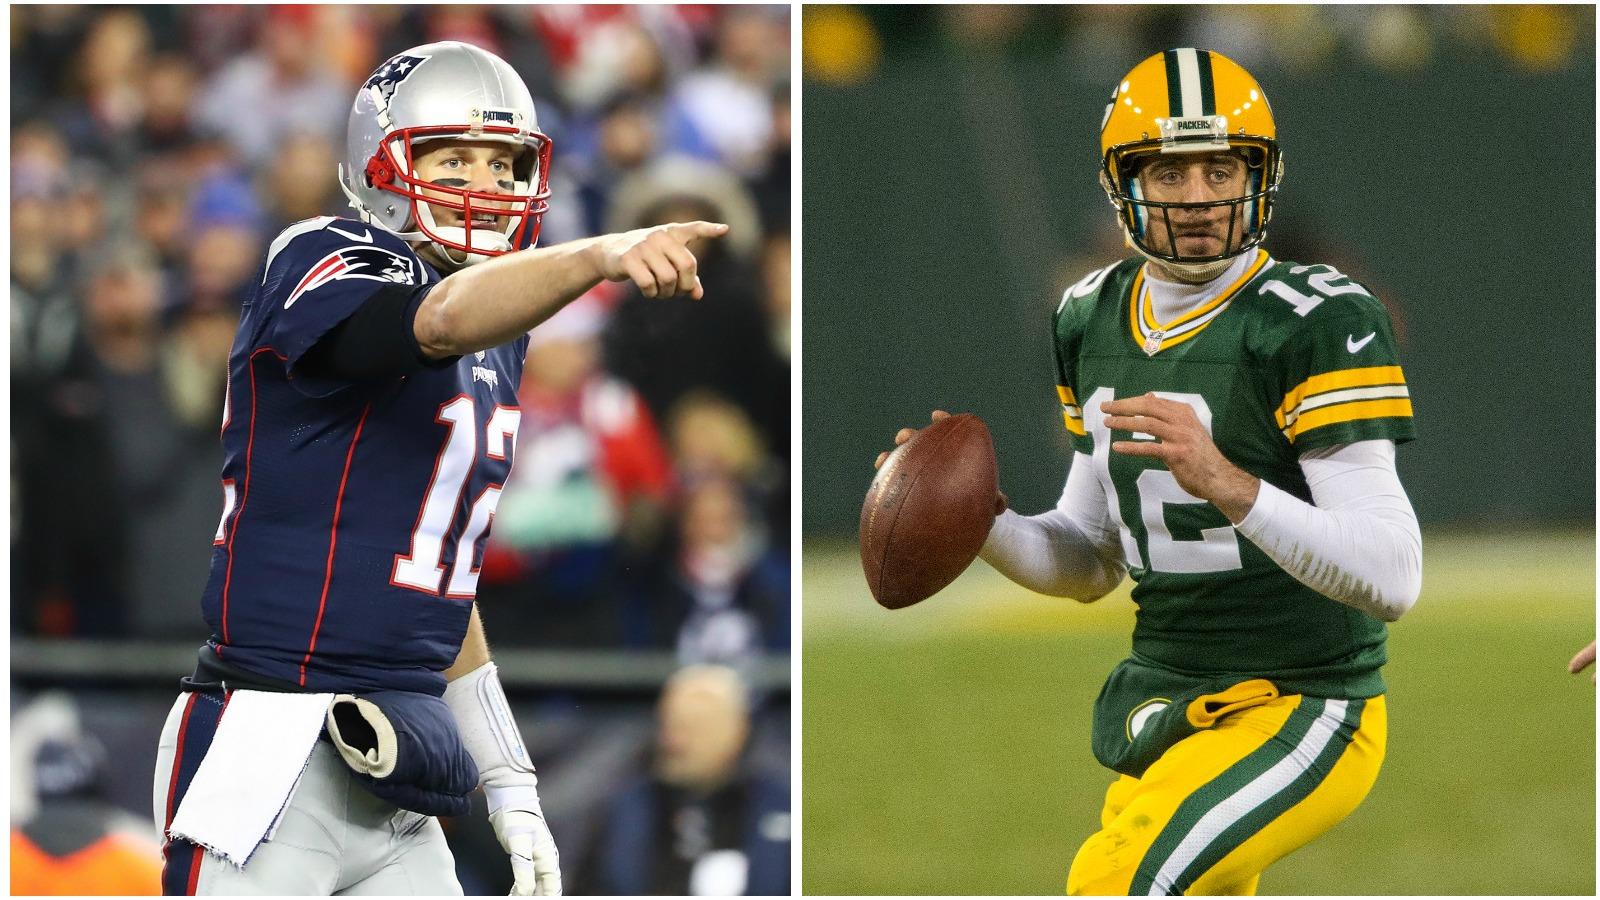 122116-NFL-Aaron-Rodgers-Tom-Brady